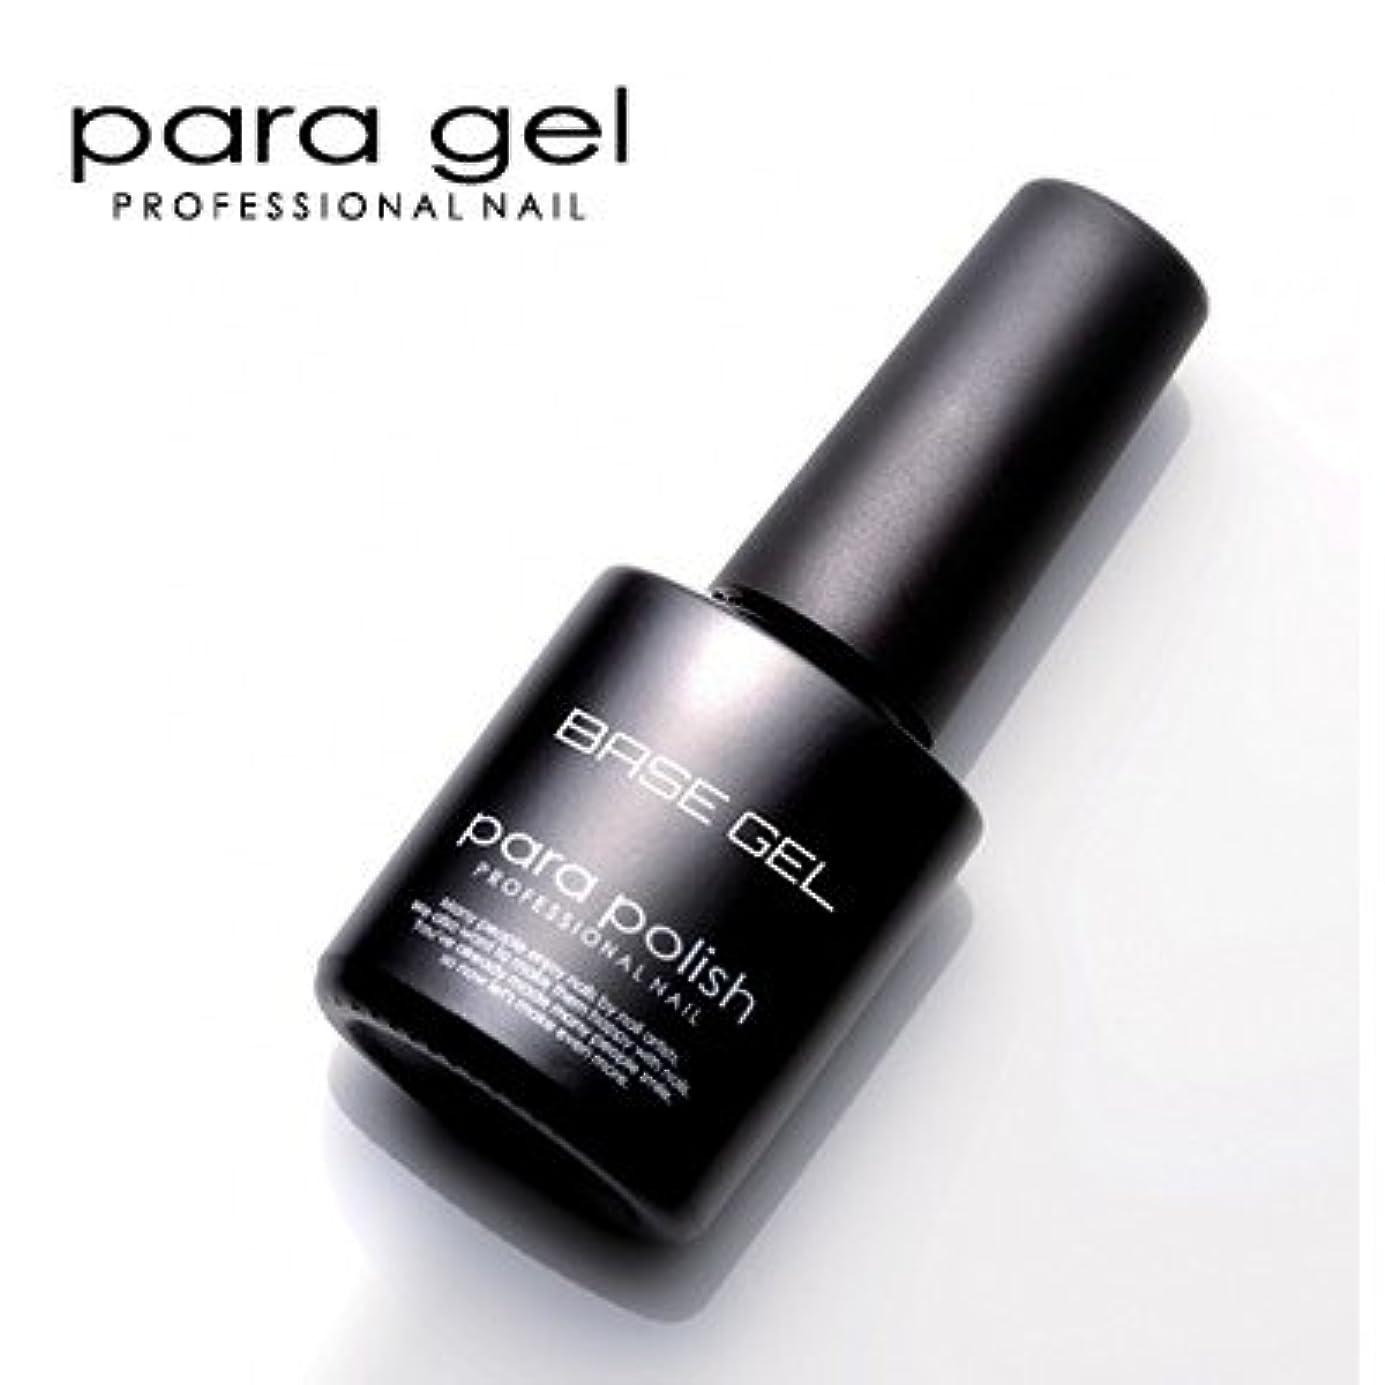 パケットエクステントかすかなパラジェル para polish(パラポリッシュ) ベースジェル 7g